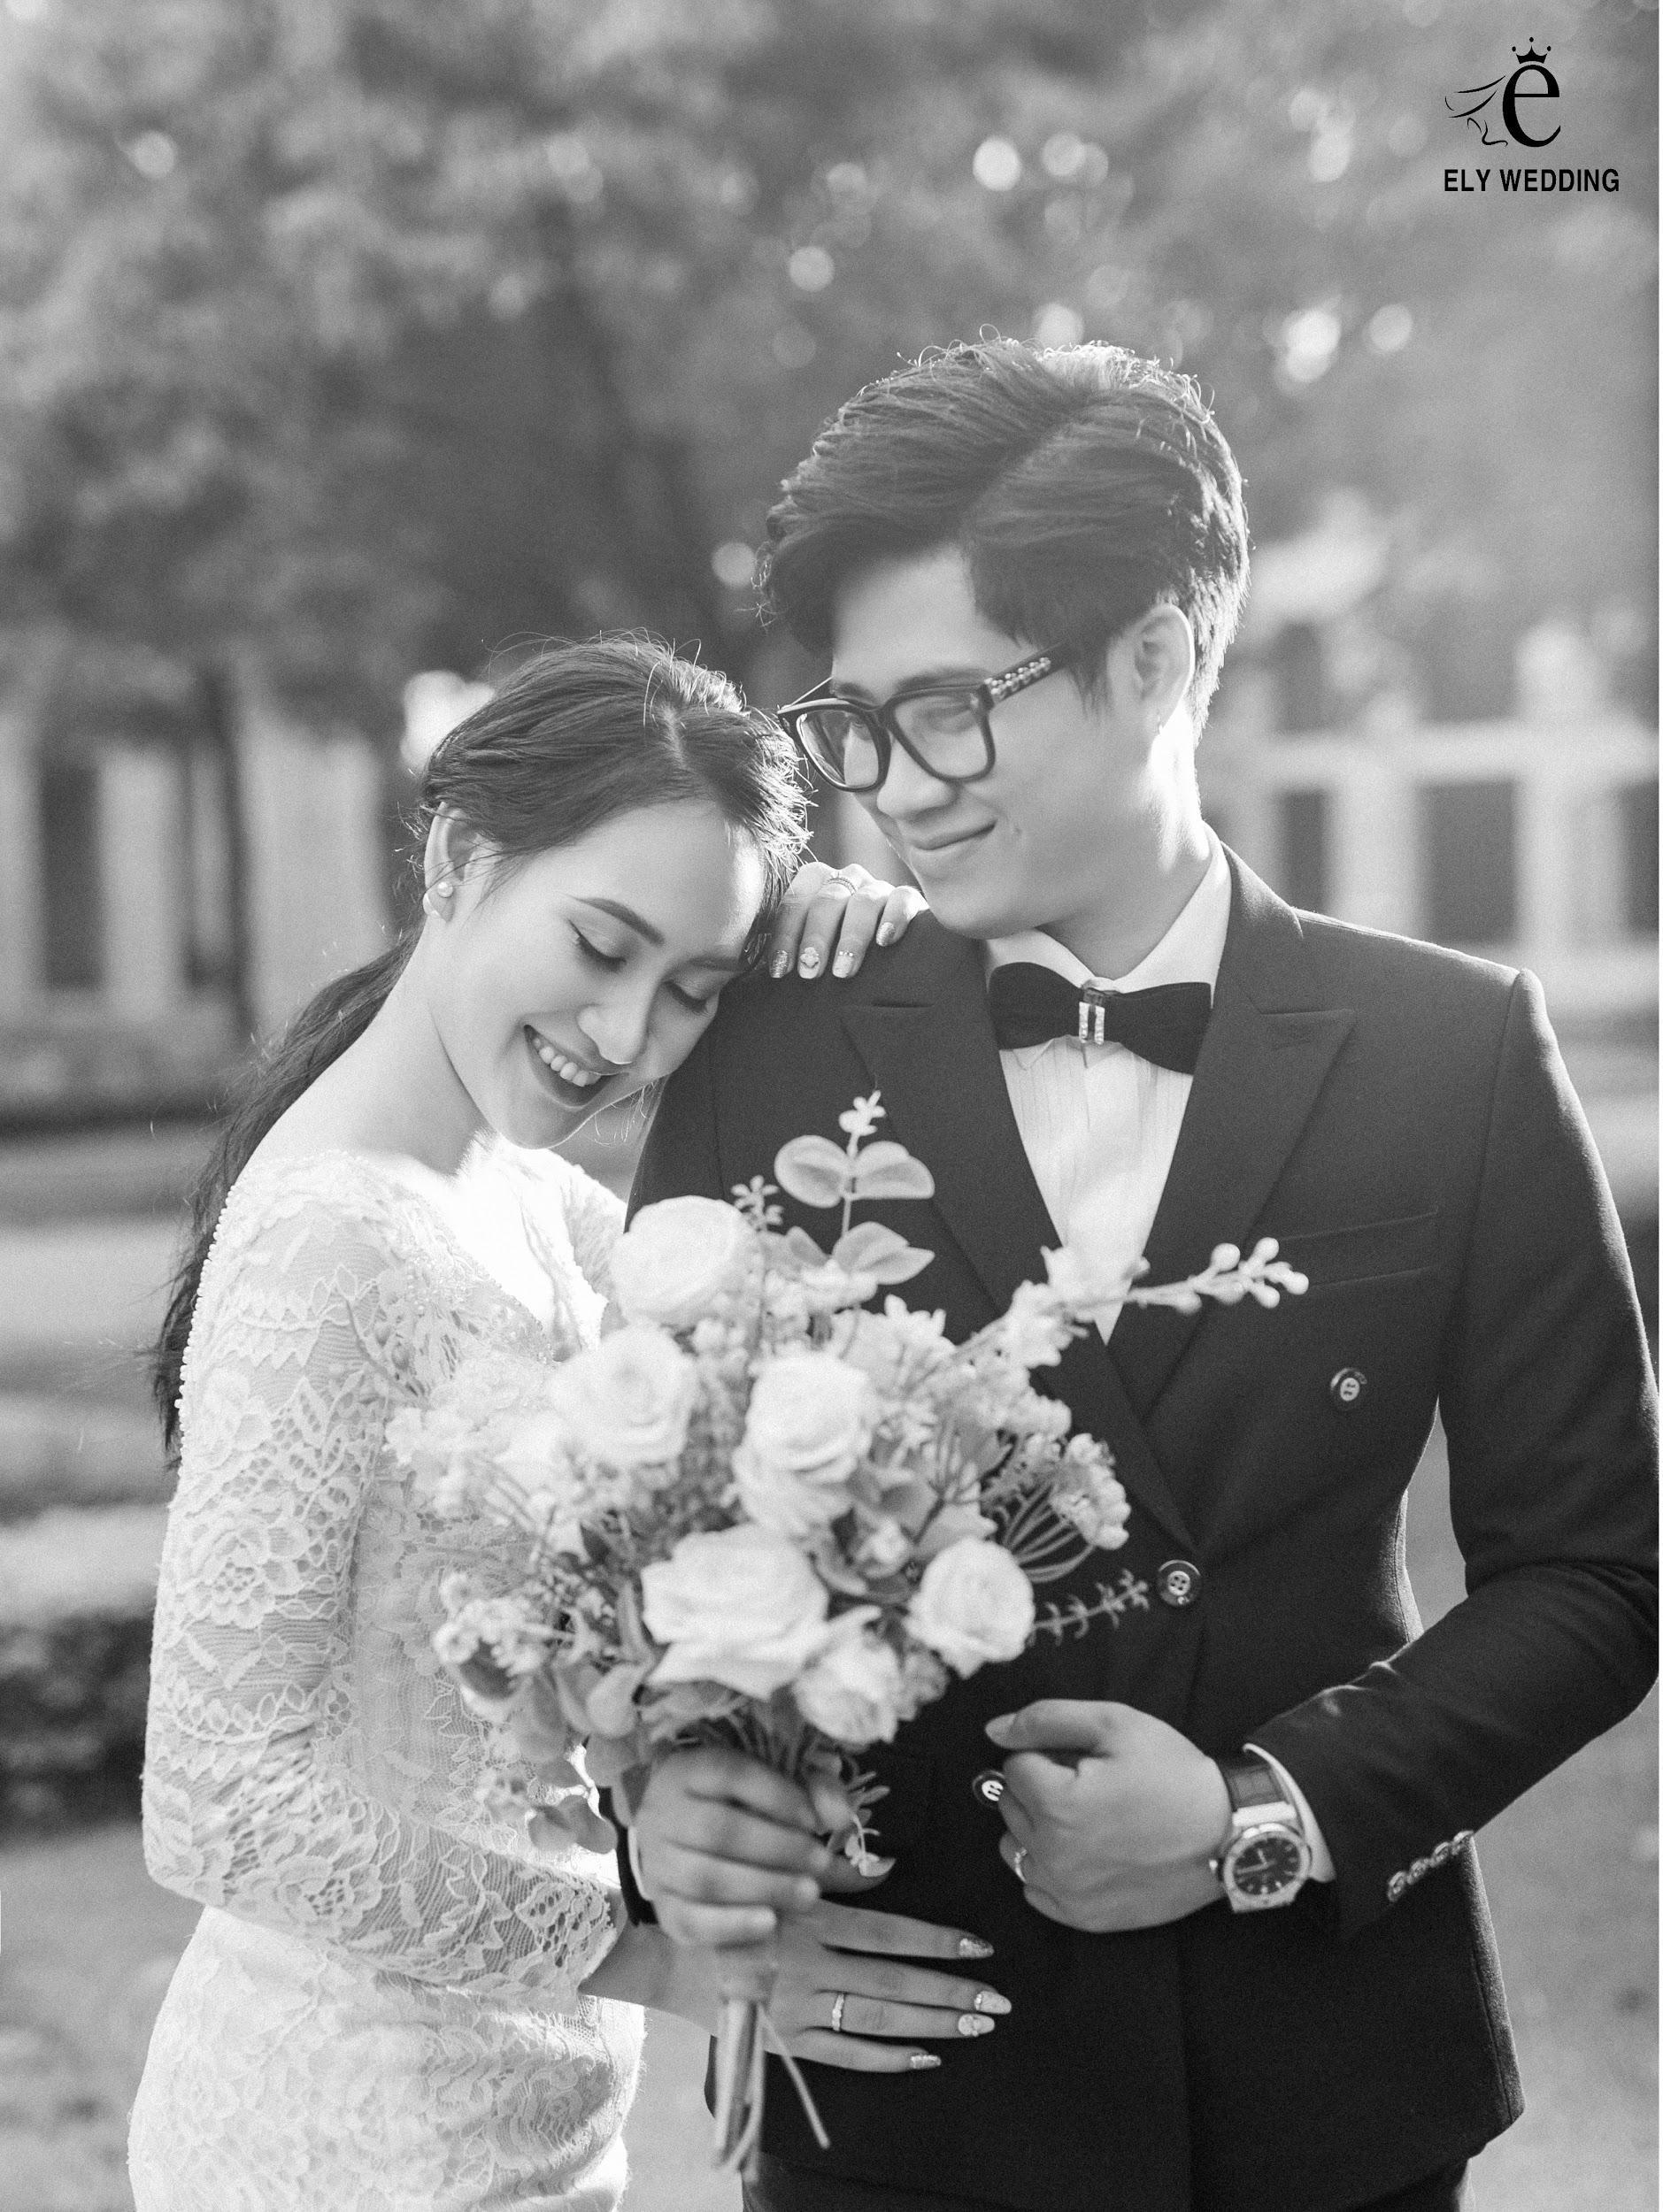 Bộ ảnh cưới siêu hot của Kiếm thủ Lê Minh Hằng - Em gái quốc dân làng thể thao Việt Nam - Ảnh 4.